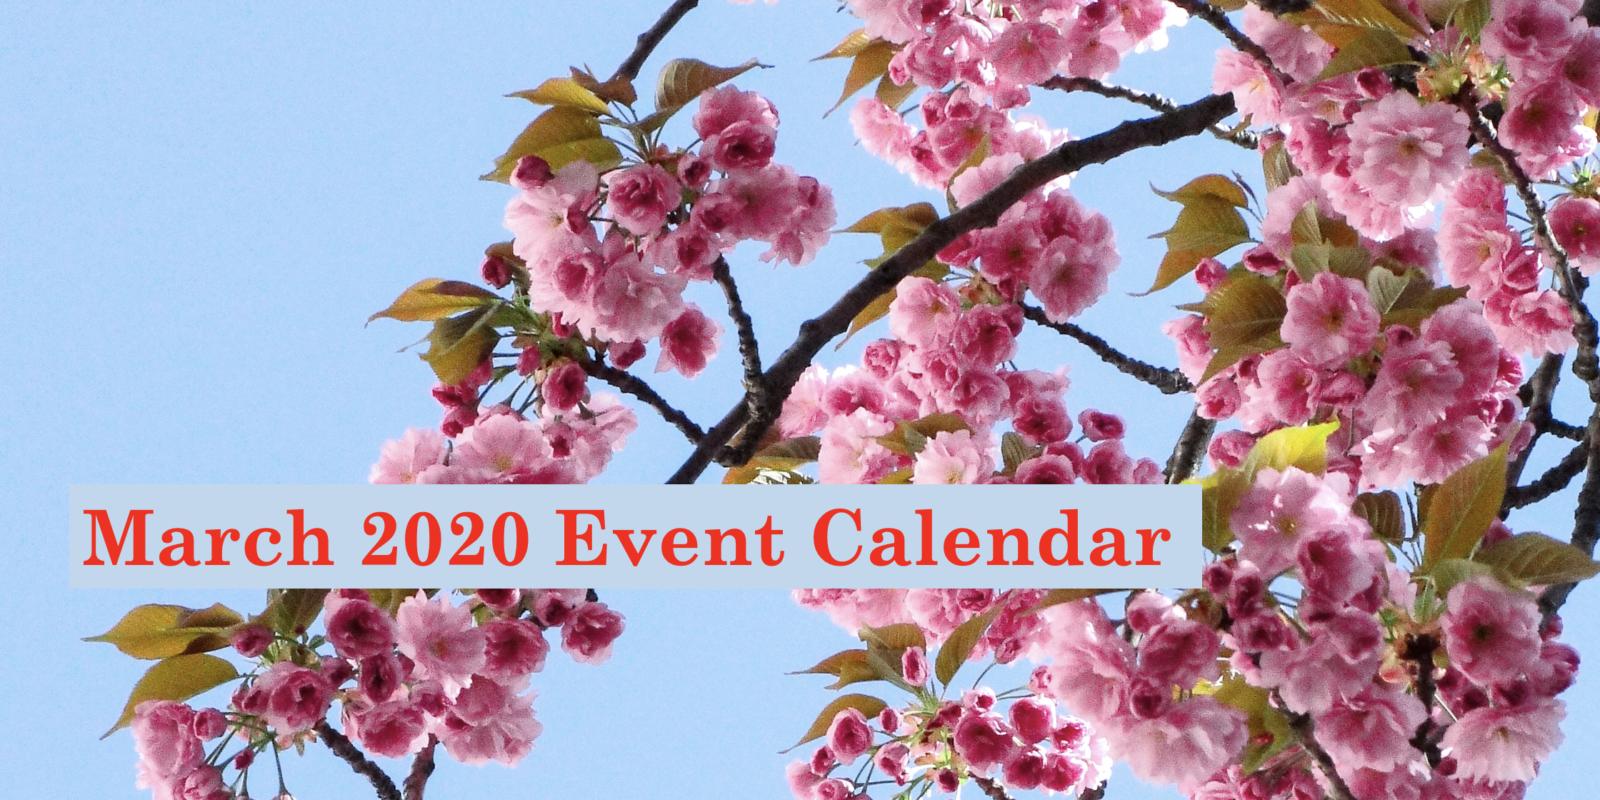 March 2020 Event Calendar